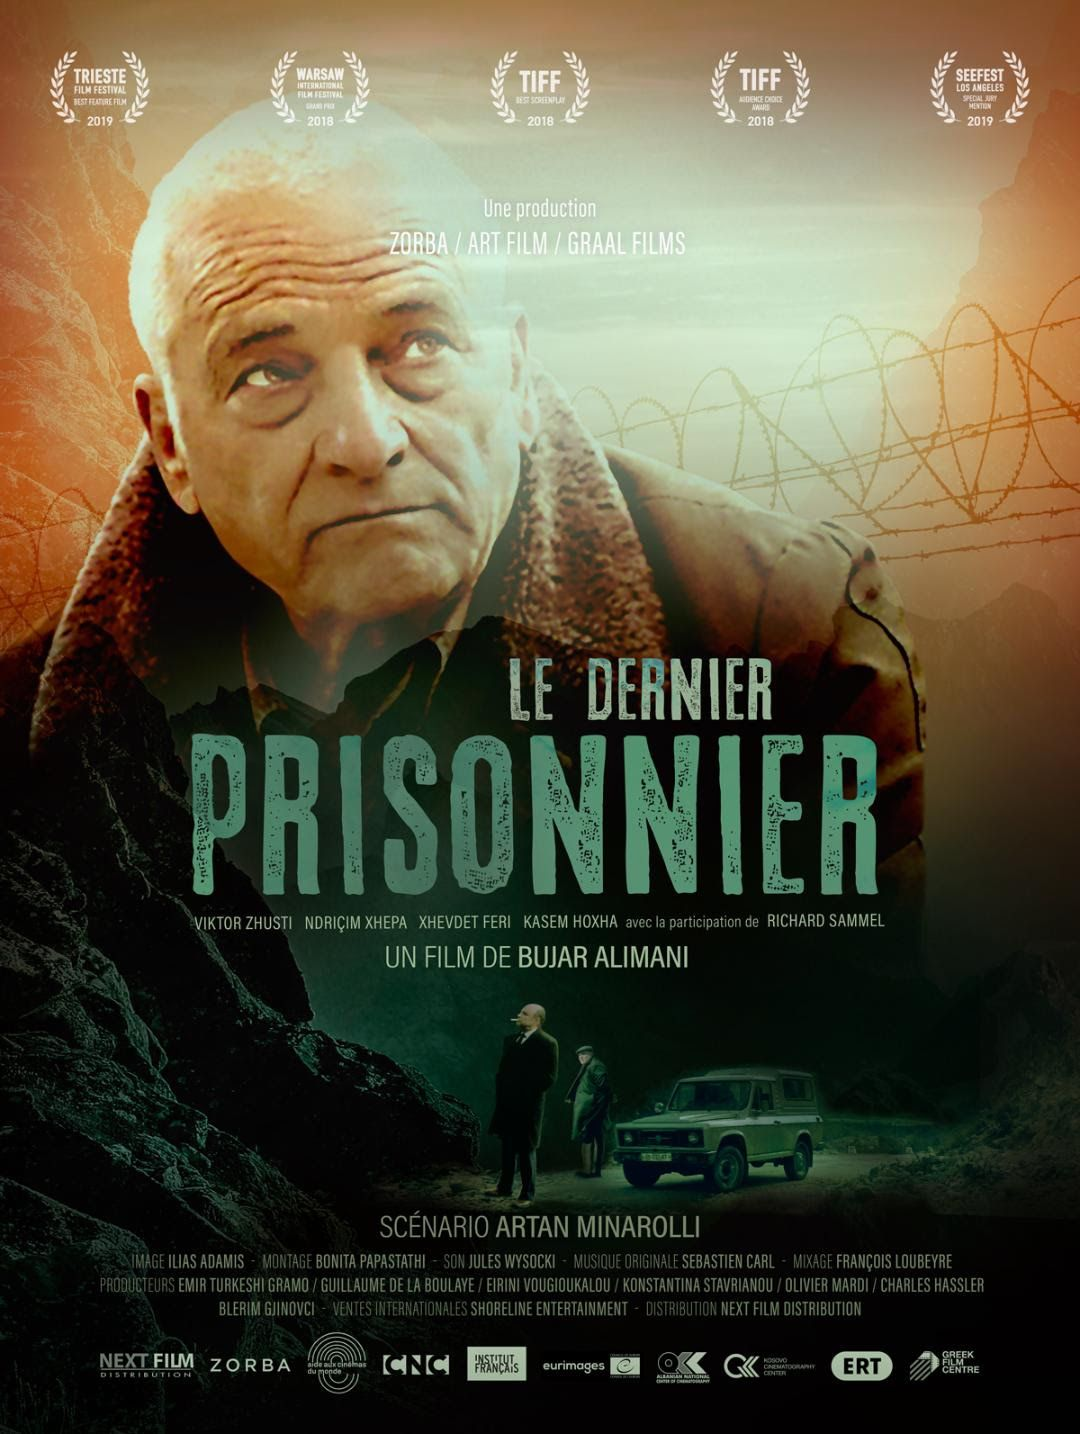 Le Dernier prisonnier - Film (2020) - SensCritique